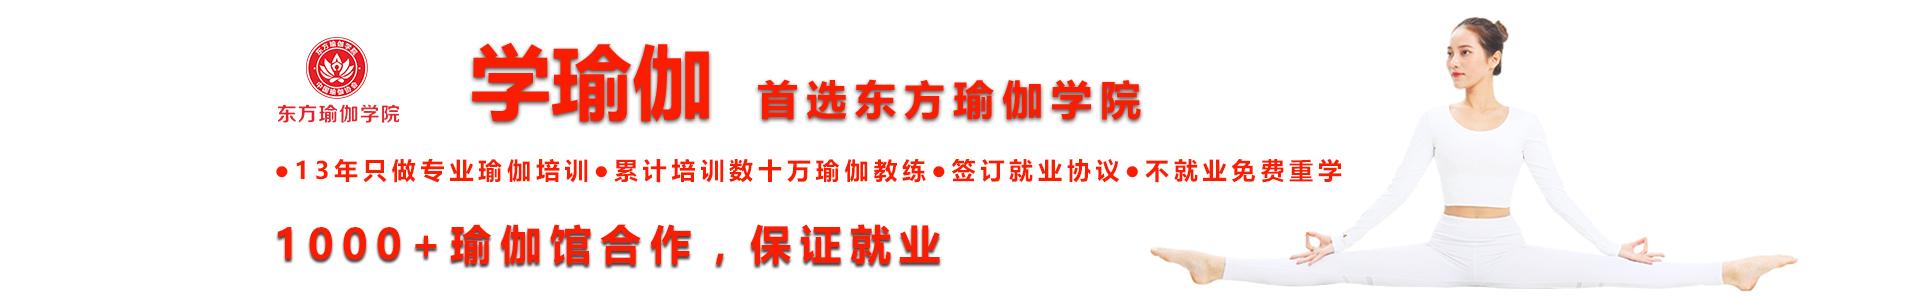 武汉东方瑜伽教练培训学校